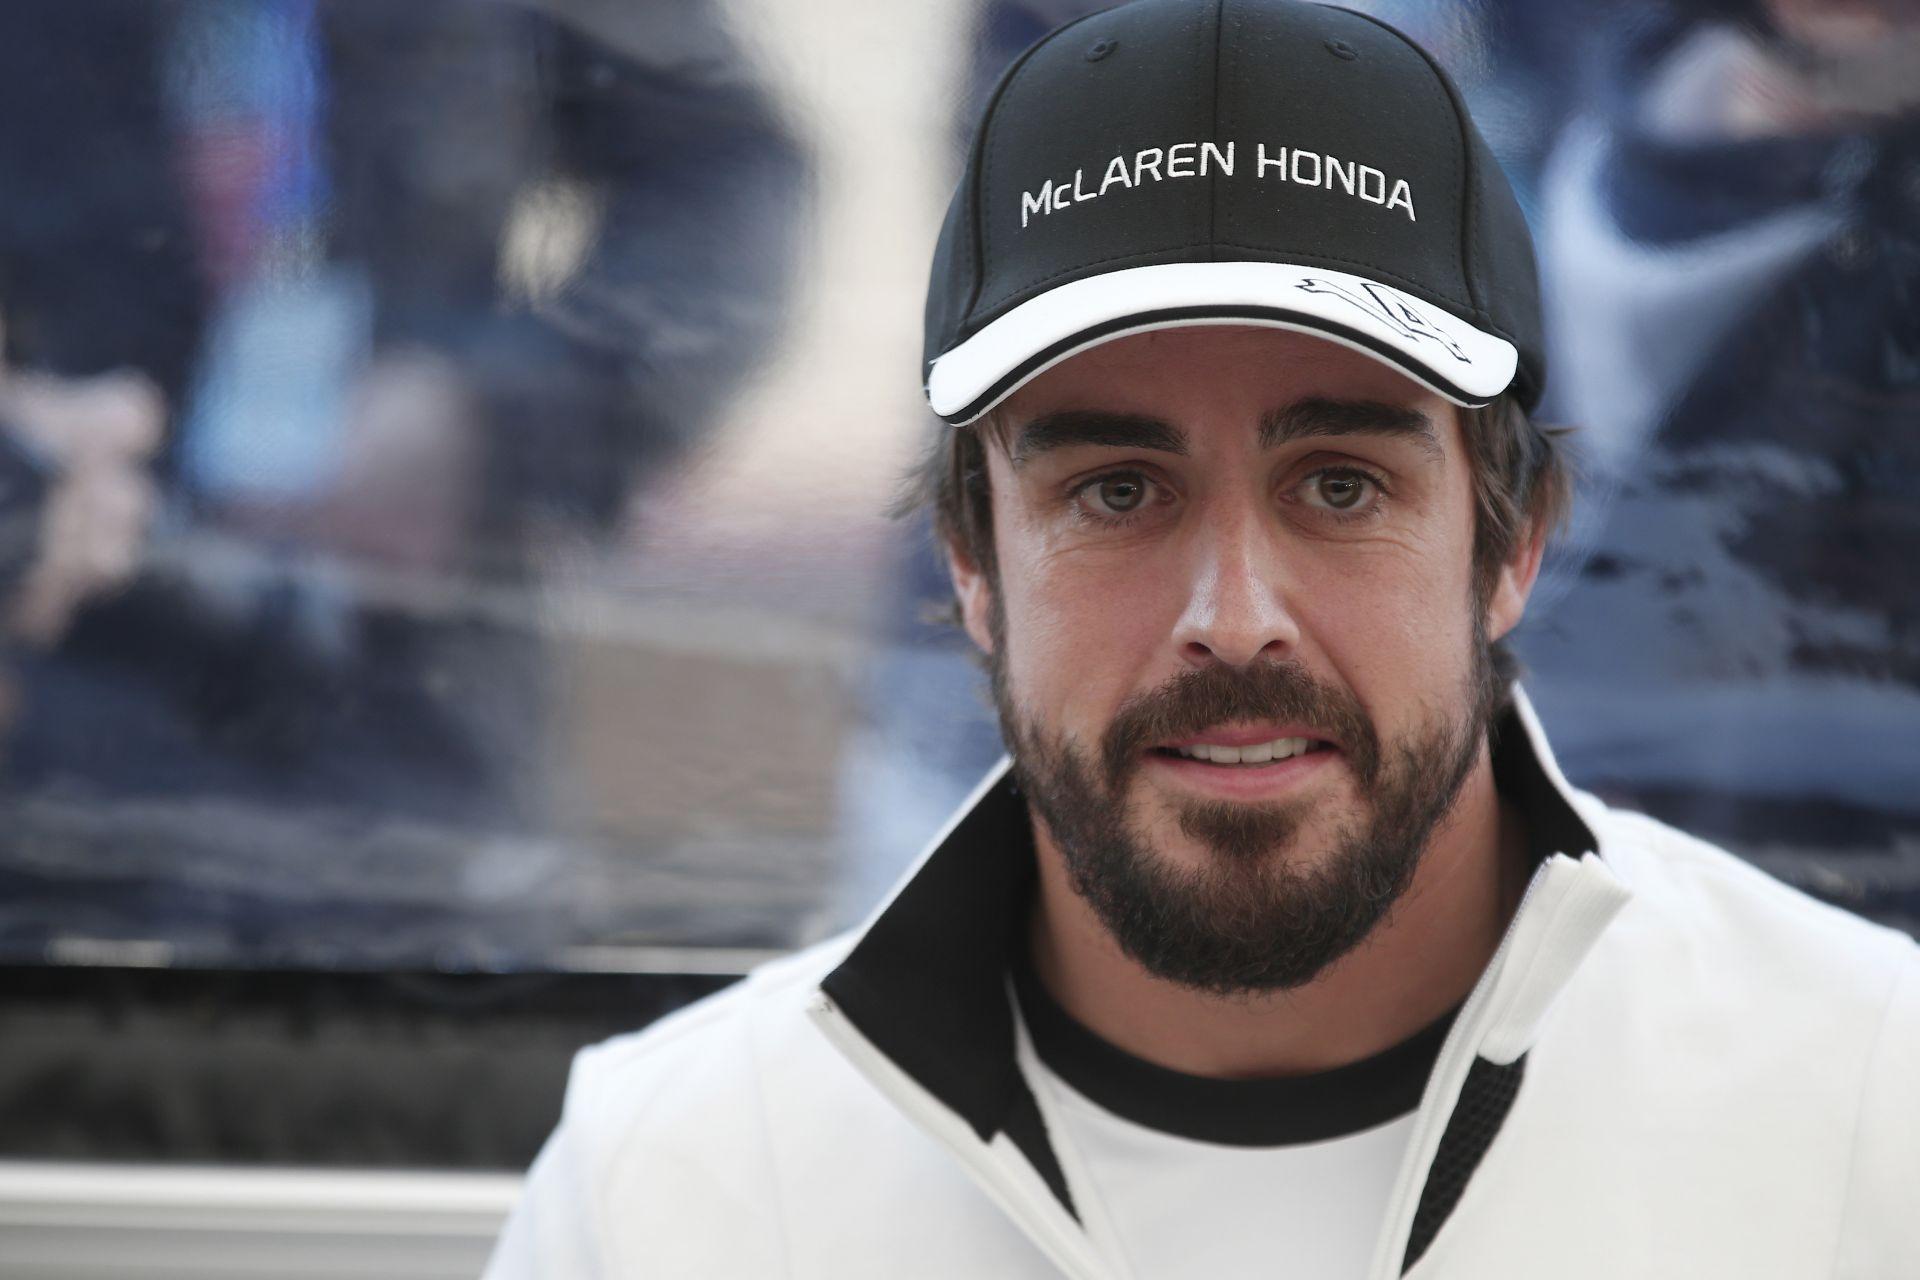 Mirror: Lehetséges, hogy Alonso már soha nem tér vissza a Forma-1-be